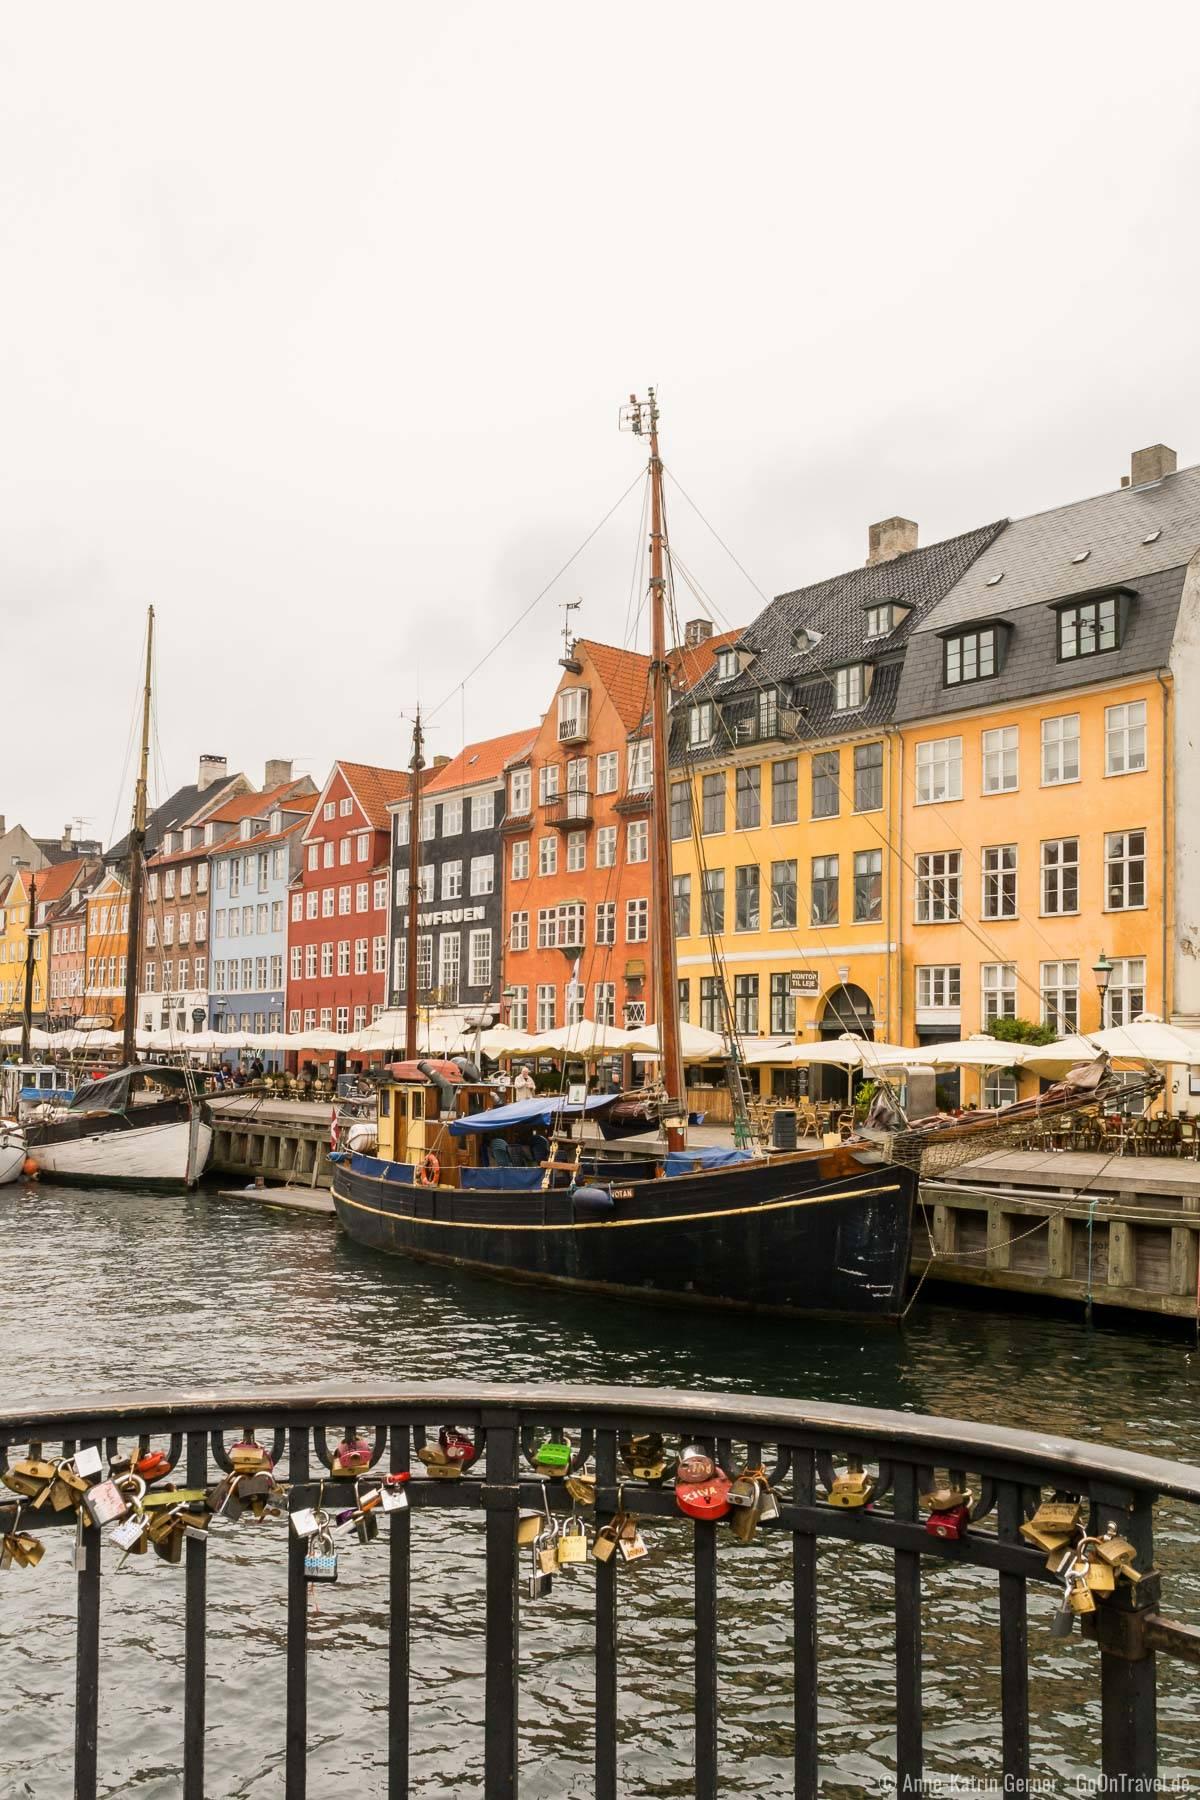 Blick in den Kanal am Nyhavn